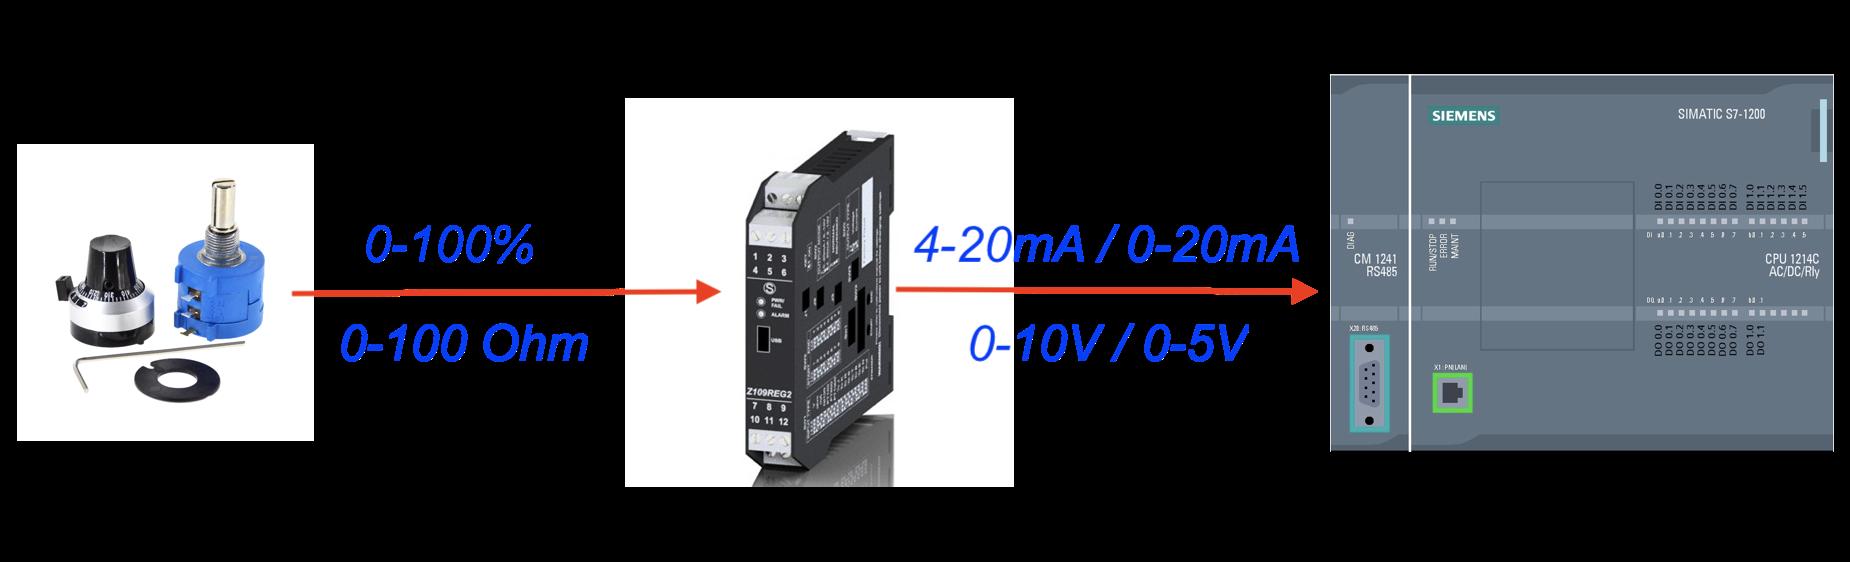 Bộ chuyển đổi tín hiệu ciến trở sang 4-20mA